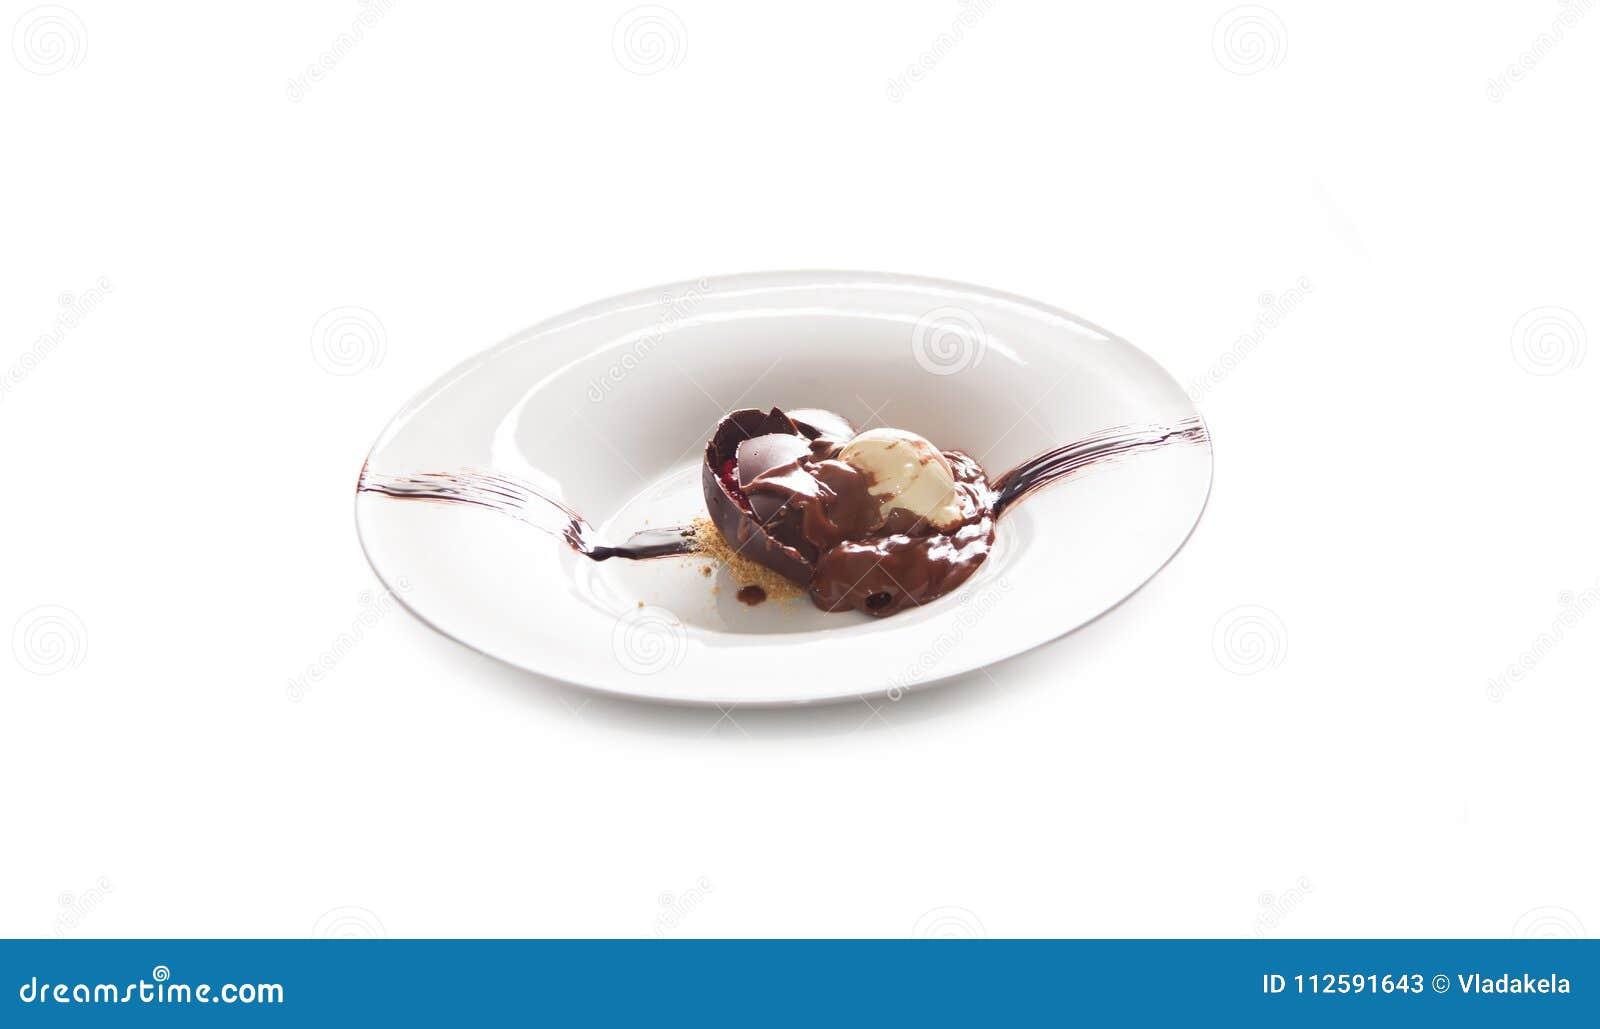 Schaufel der SchokoladenEiscreme, selbst gemachte Schokoladenkuchen mit Eiscreme an